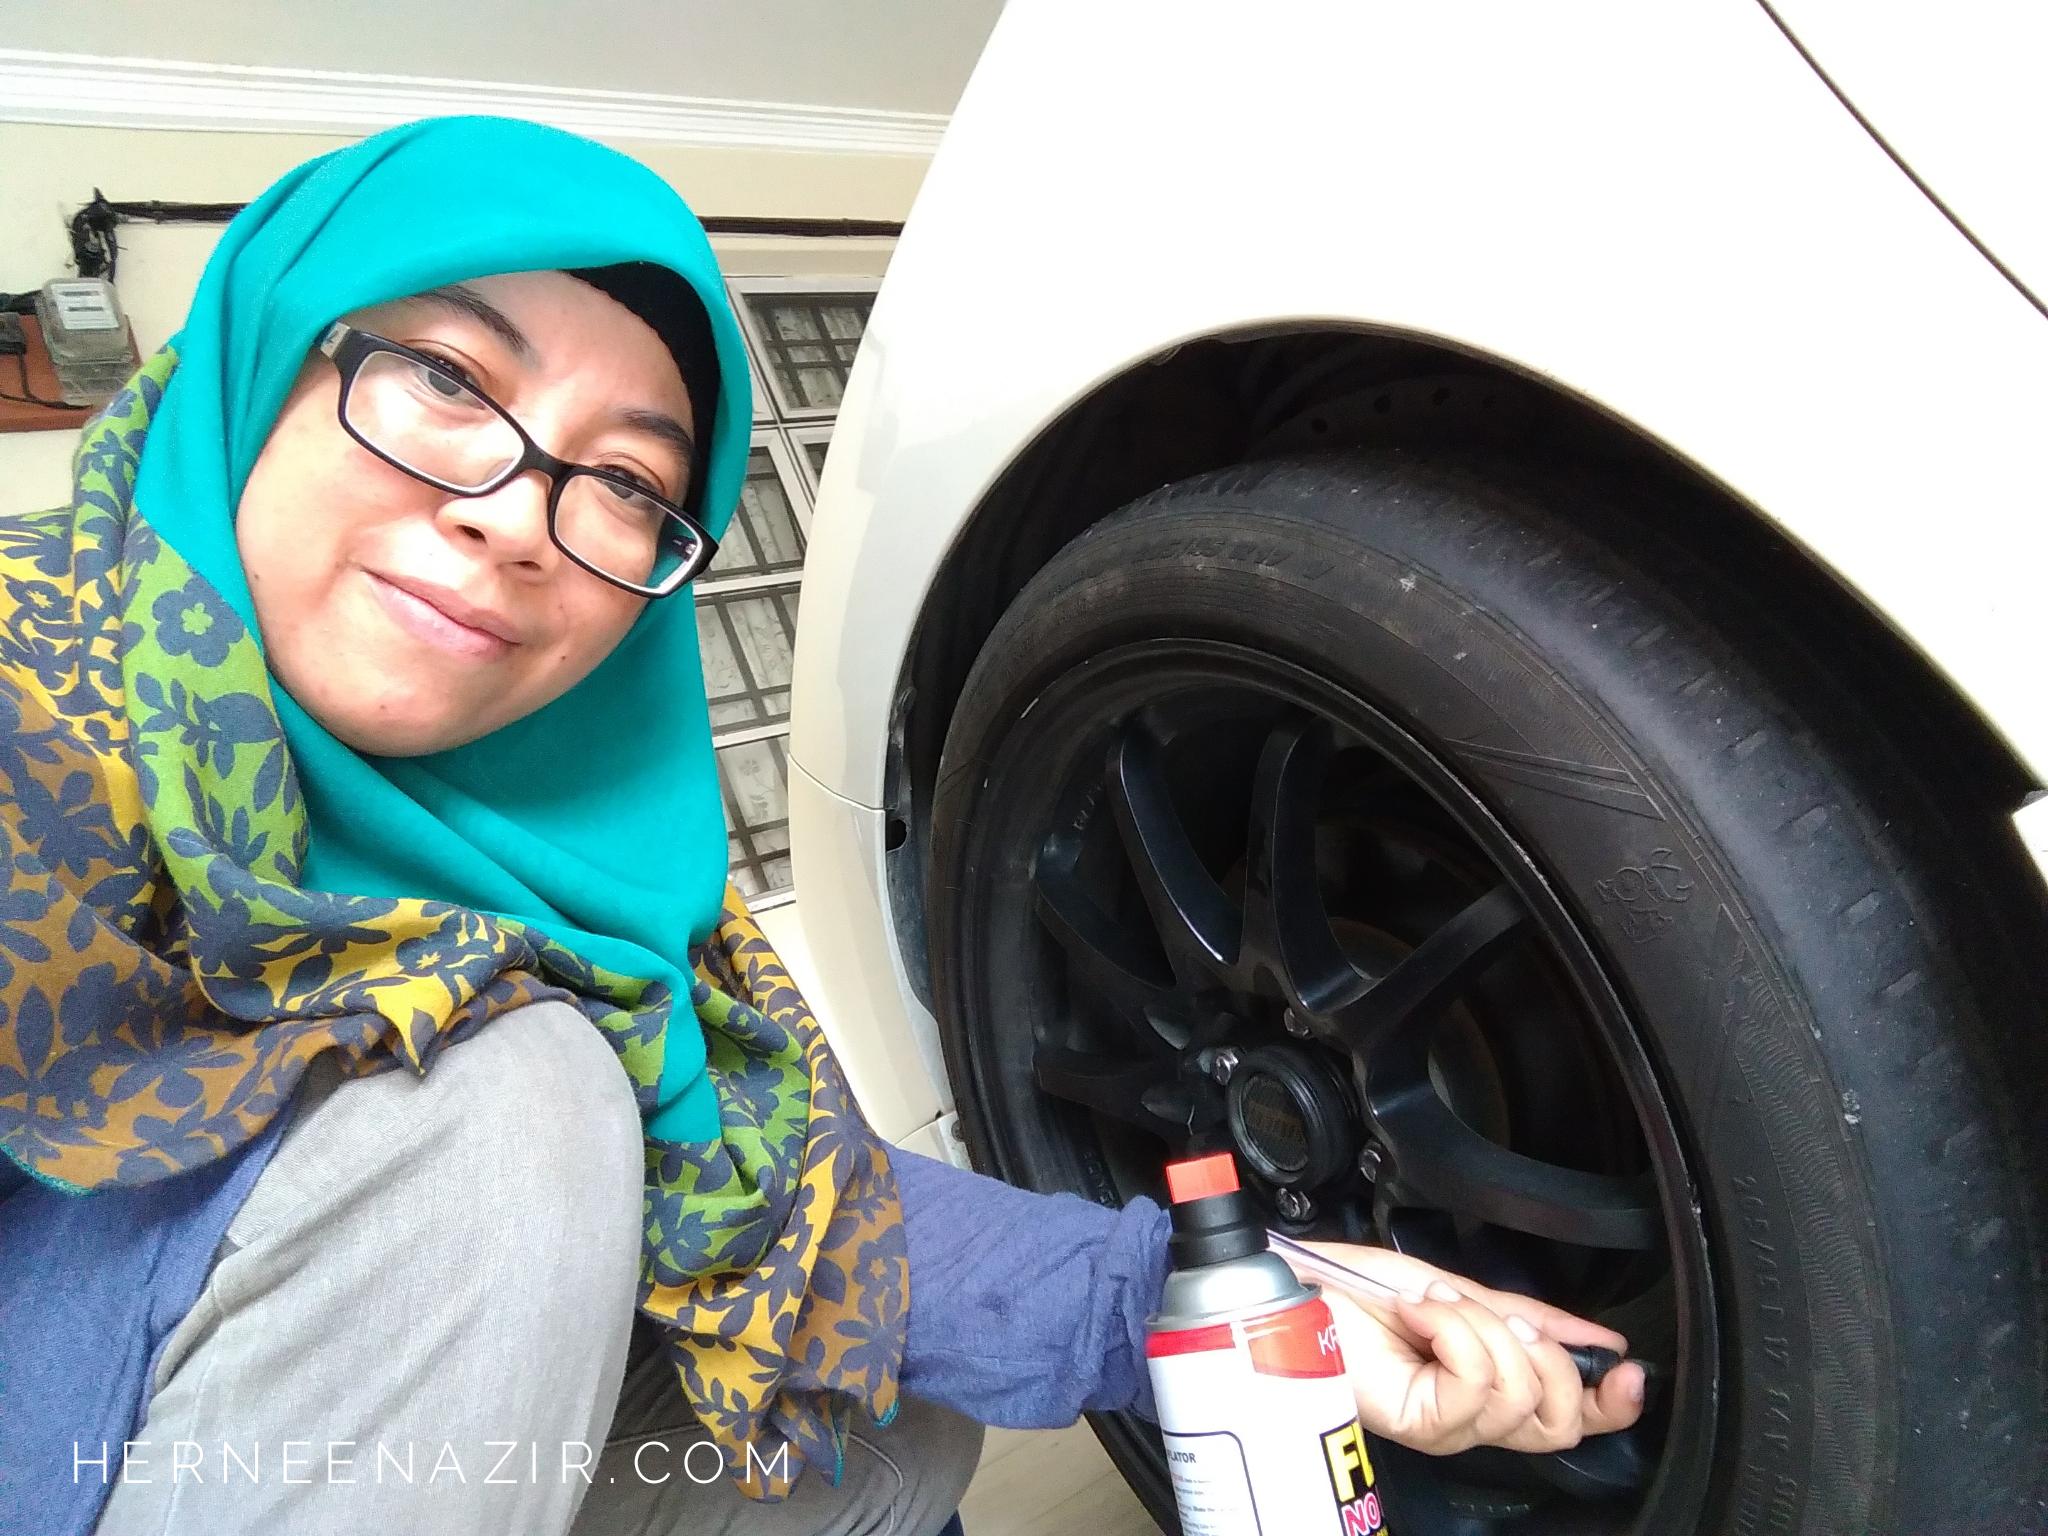 KRONOS FLATNOMORE Tyre Sealant & Inflator – Penyelesaian Masalah Tayar Pancit